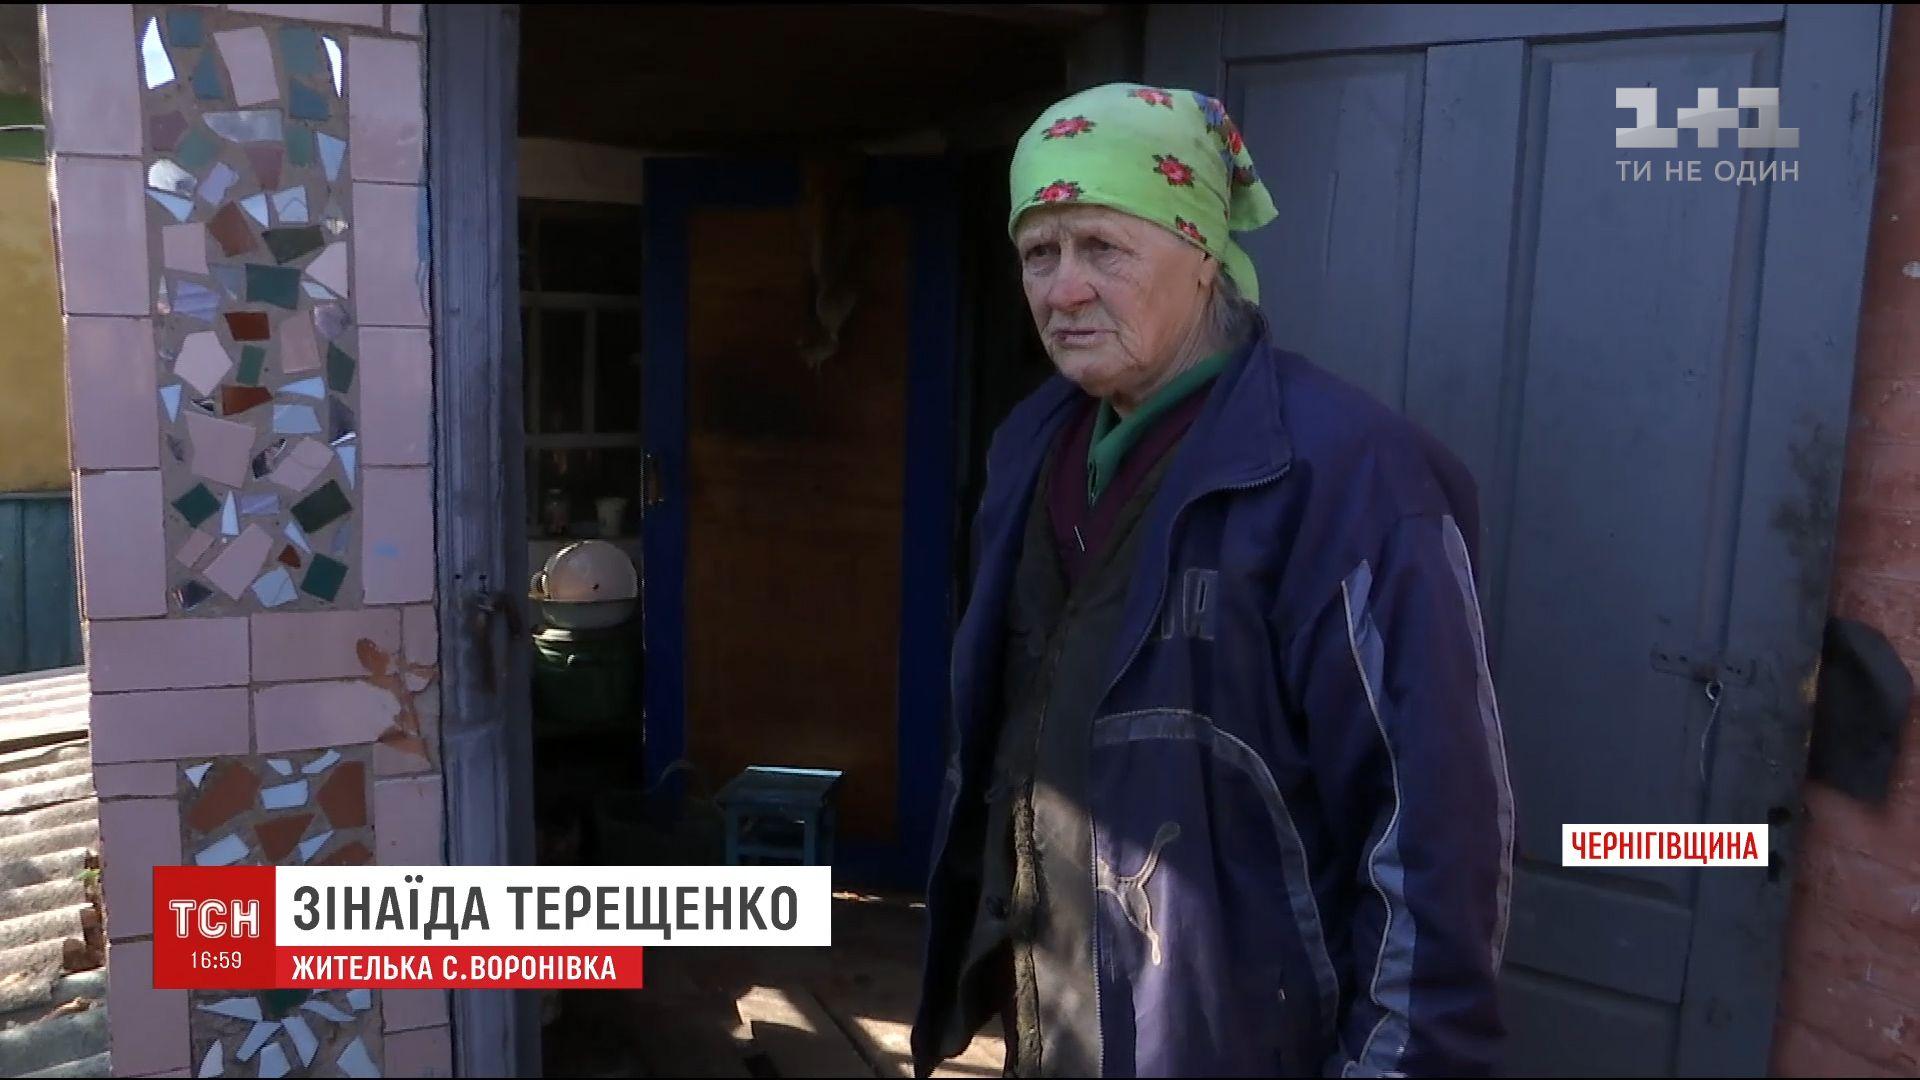 Трагедия под Калиновкой напугала жителей сел возле артскладов на Ичнянщине /